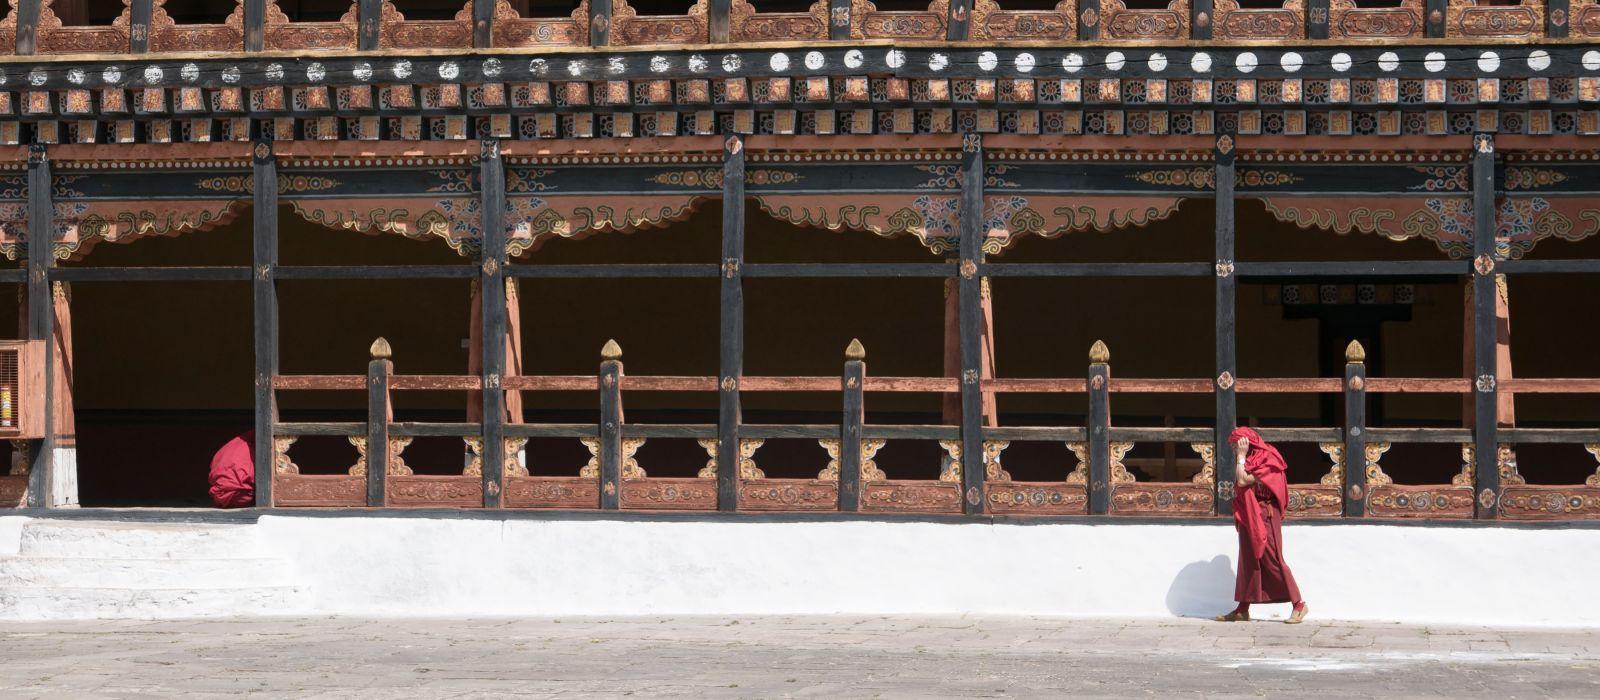 Mönche beim Spazierengehen, Bhutan